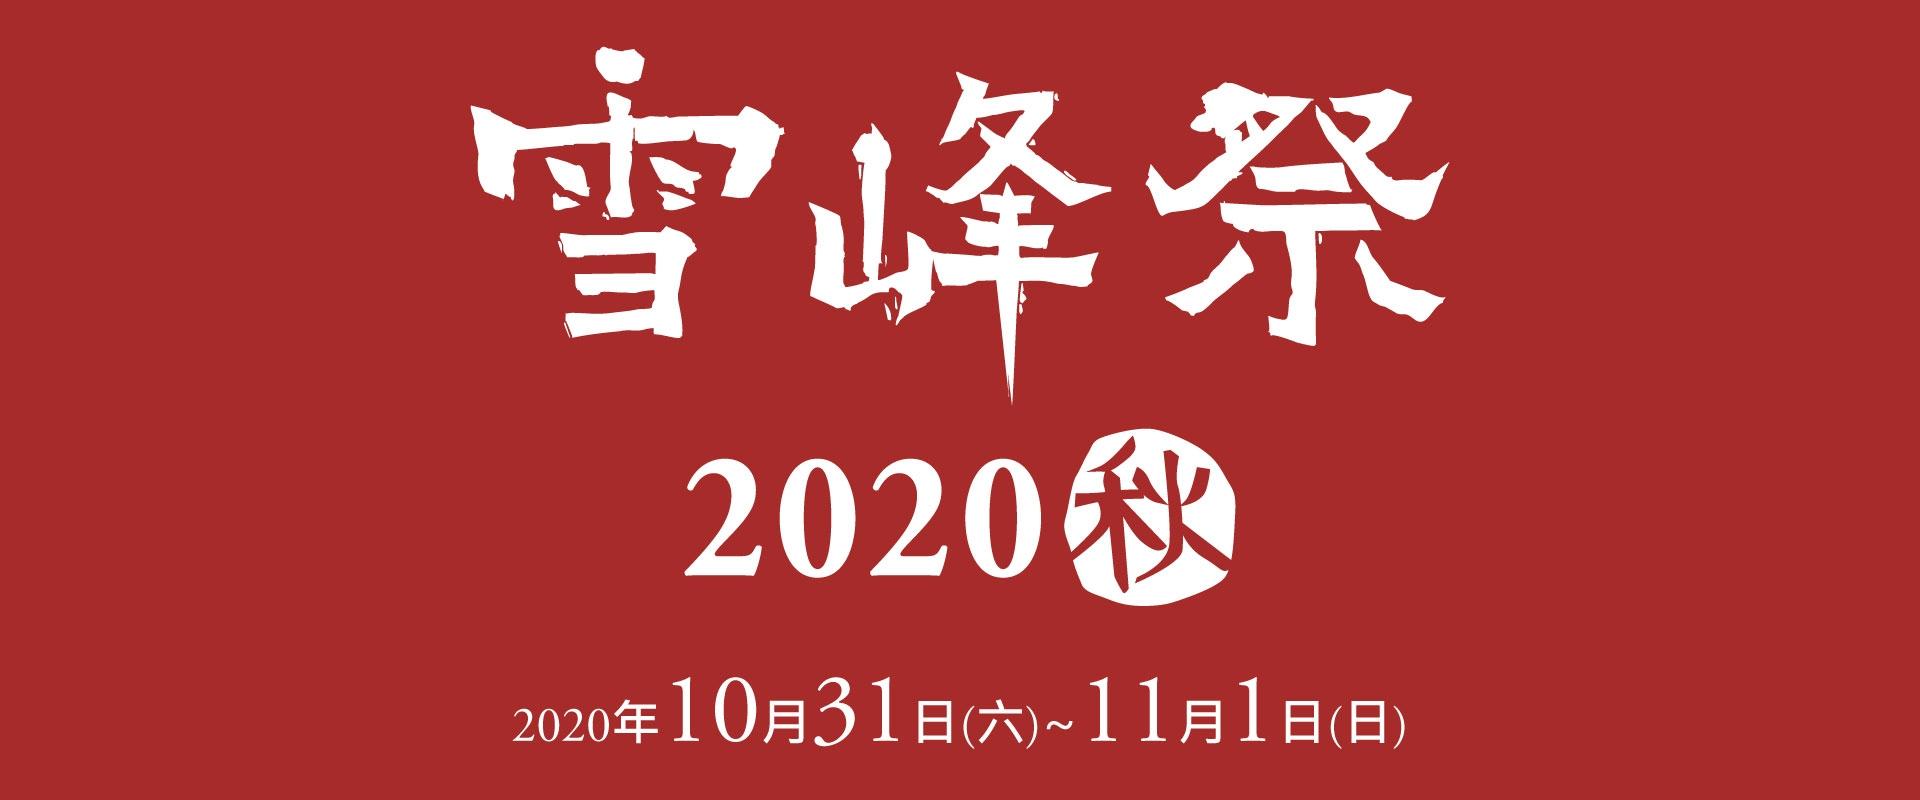 2020 雪峰祭(秋)